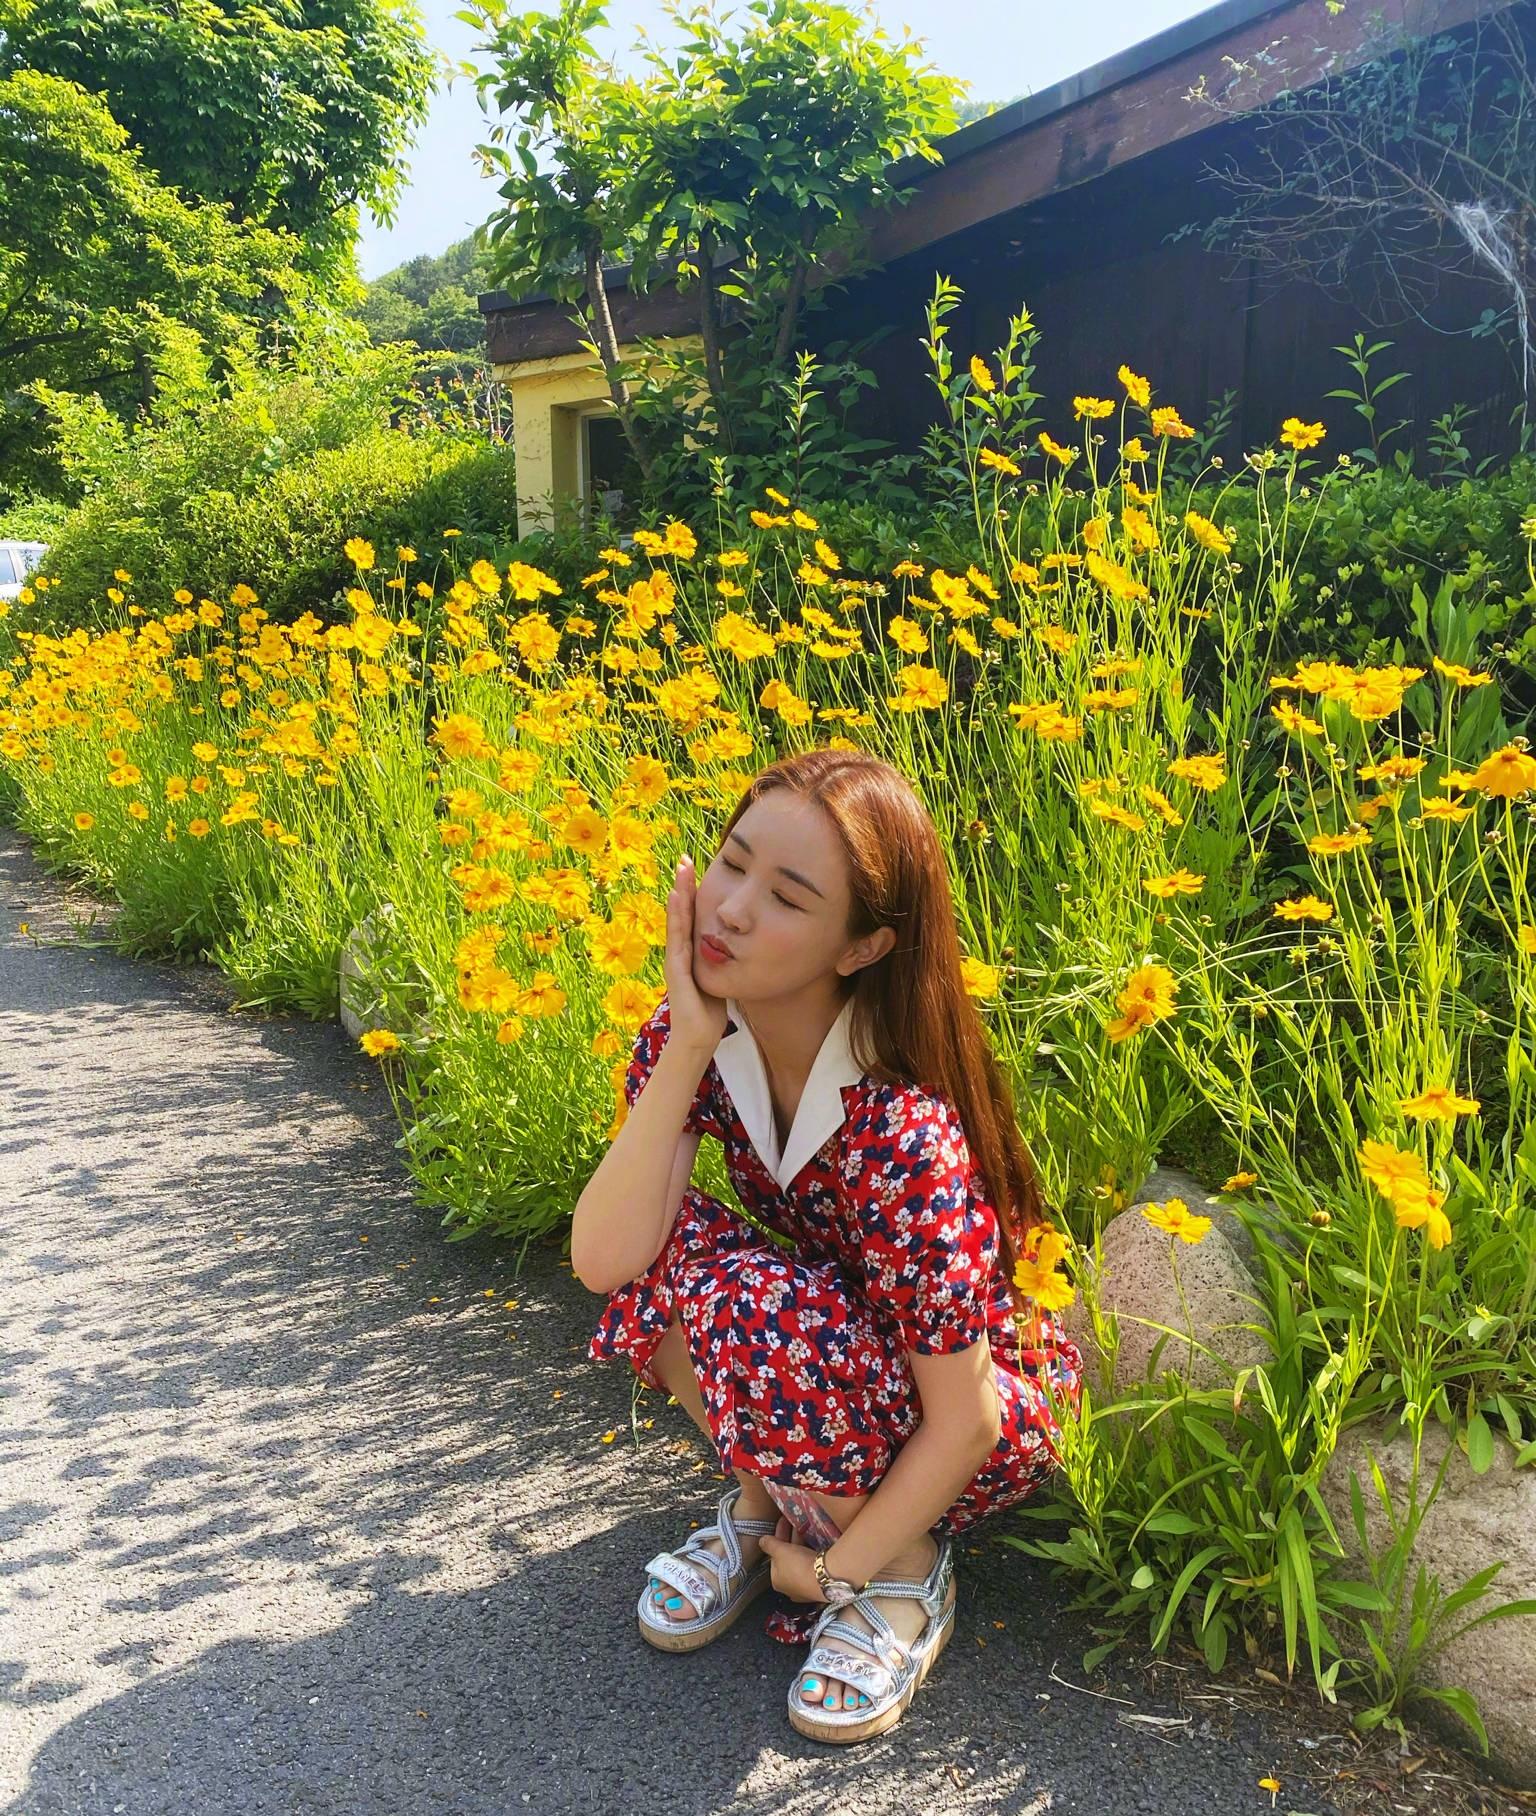 新闻与娱乐_李易峰唯一公然认可过的女友,因整容毁了事业,今38岁沦为网红